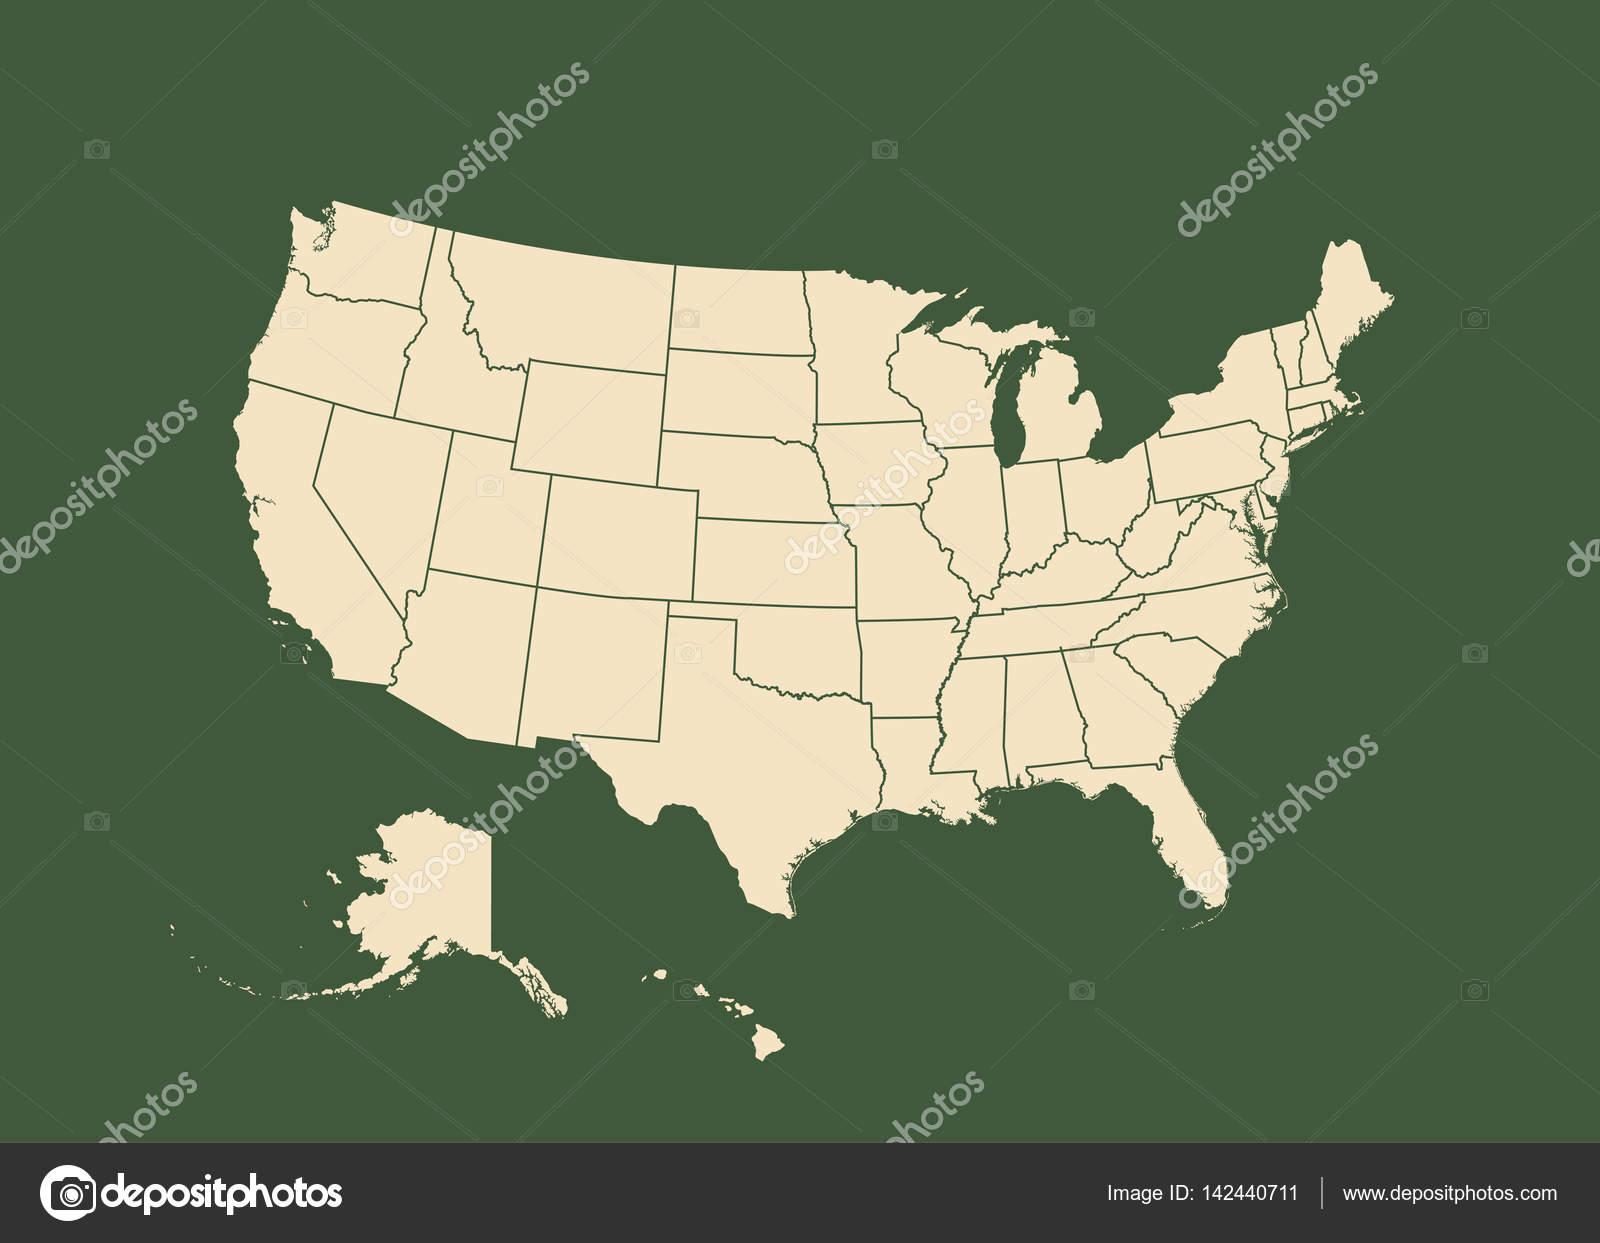 Cartina Fisica Muta Usa.Vettore Della Cartina Fisica Degli Stati Uniti Cartina